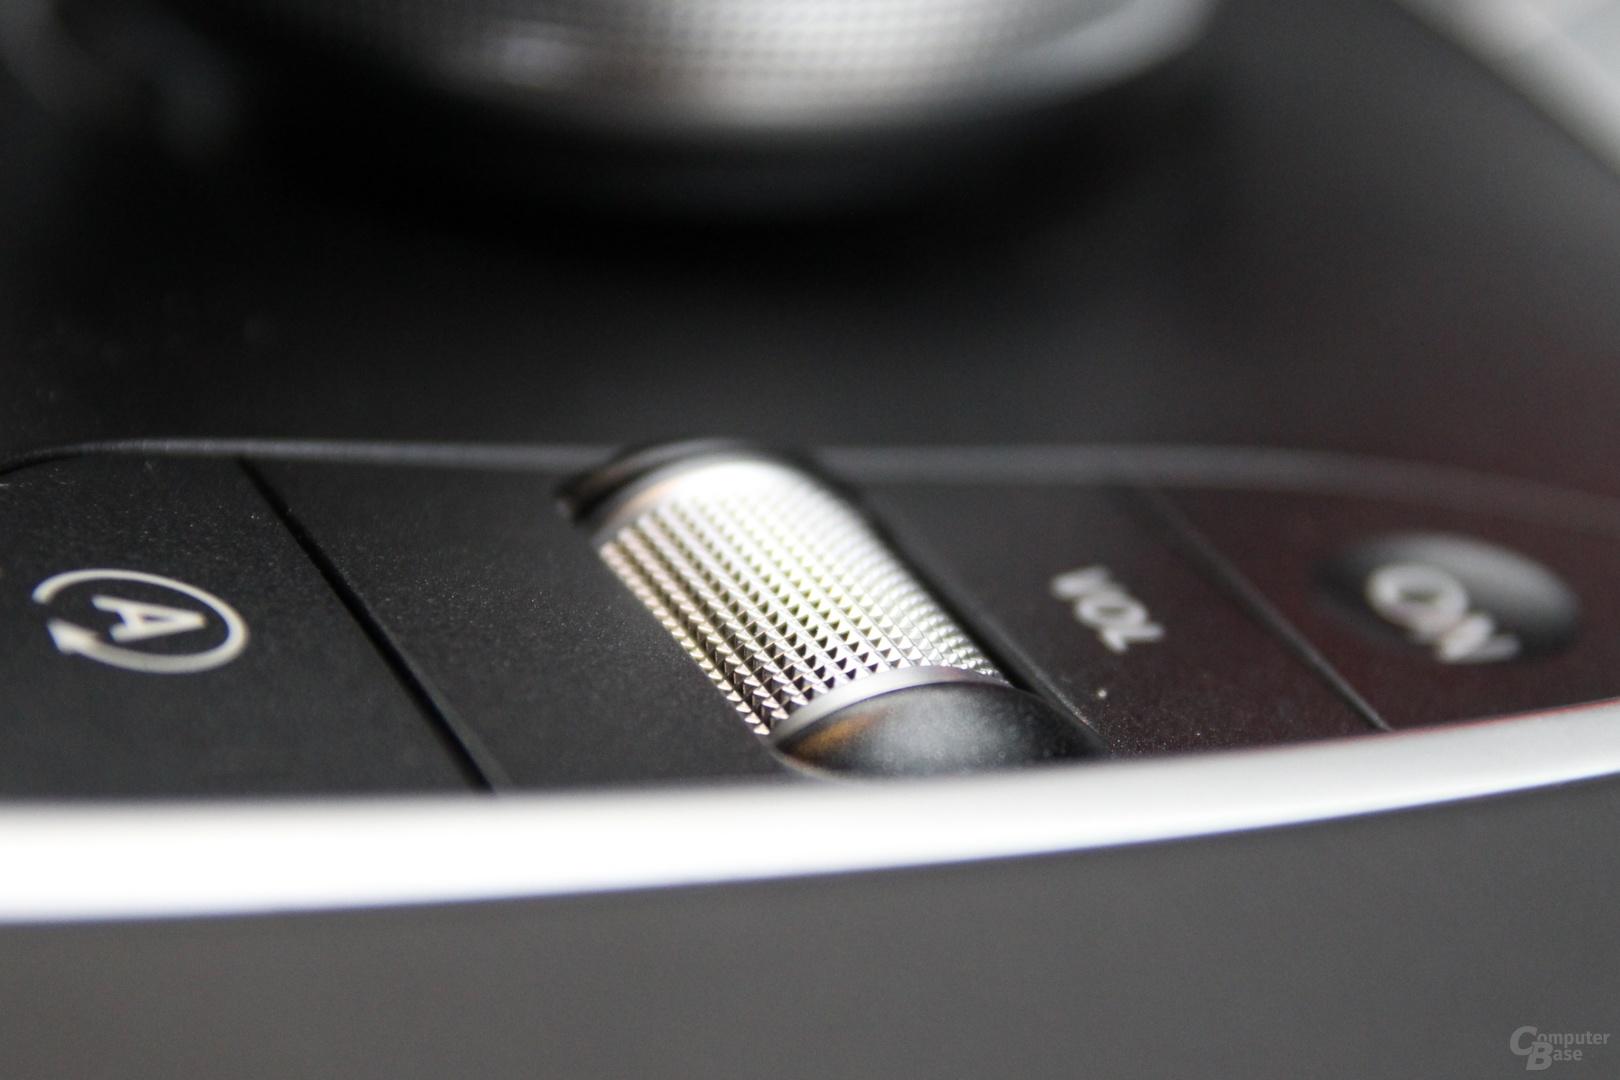 Drehregler für die Lautstärke in der Mittelkonsole